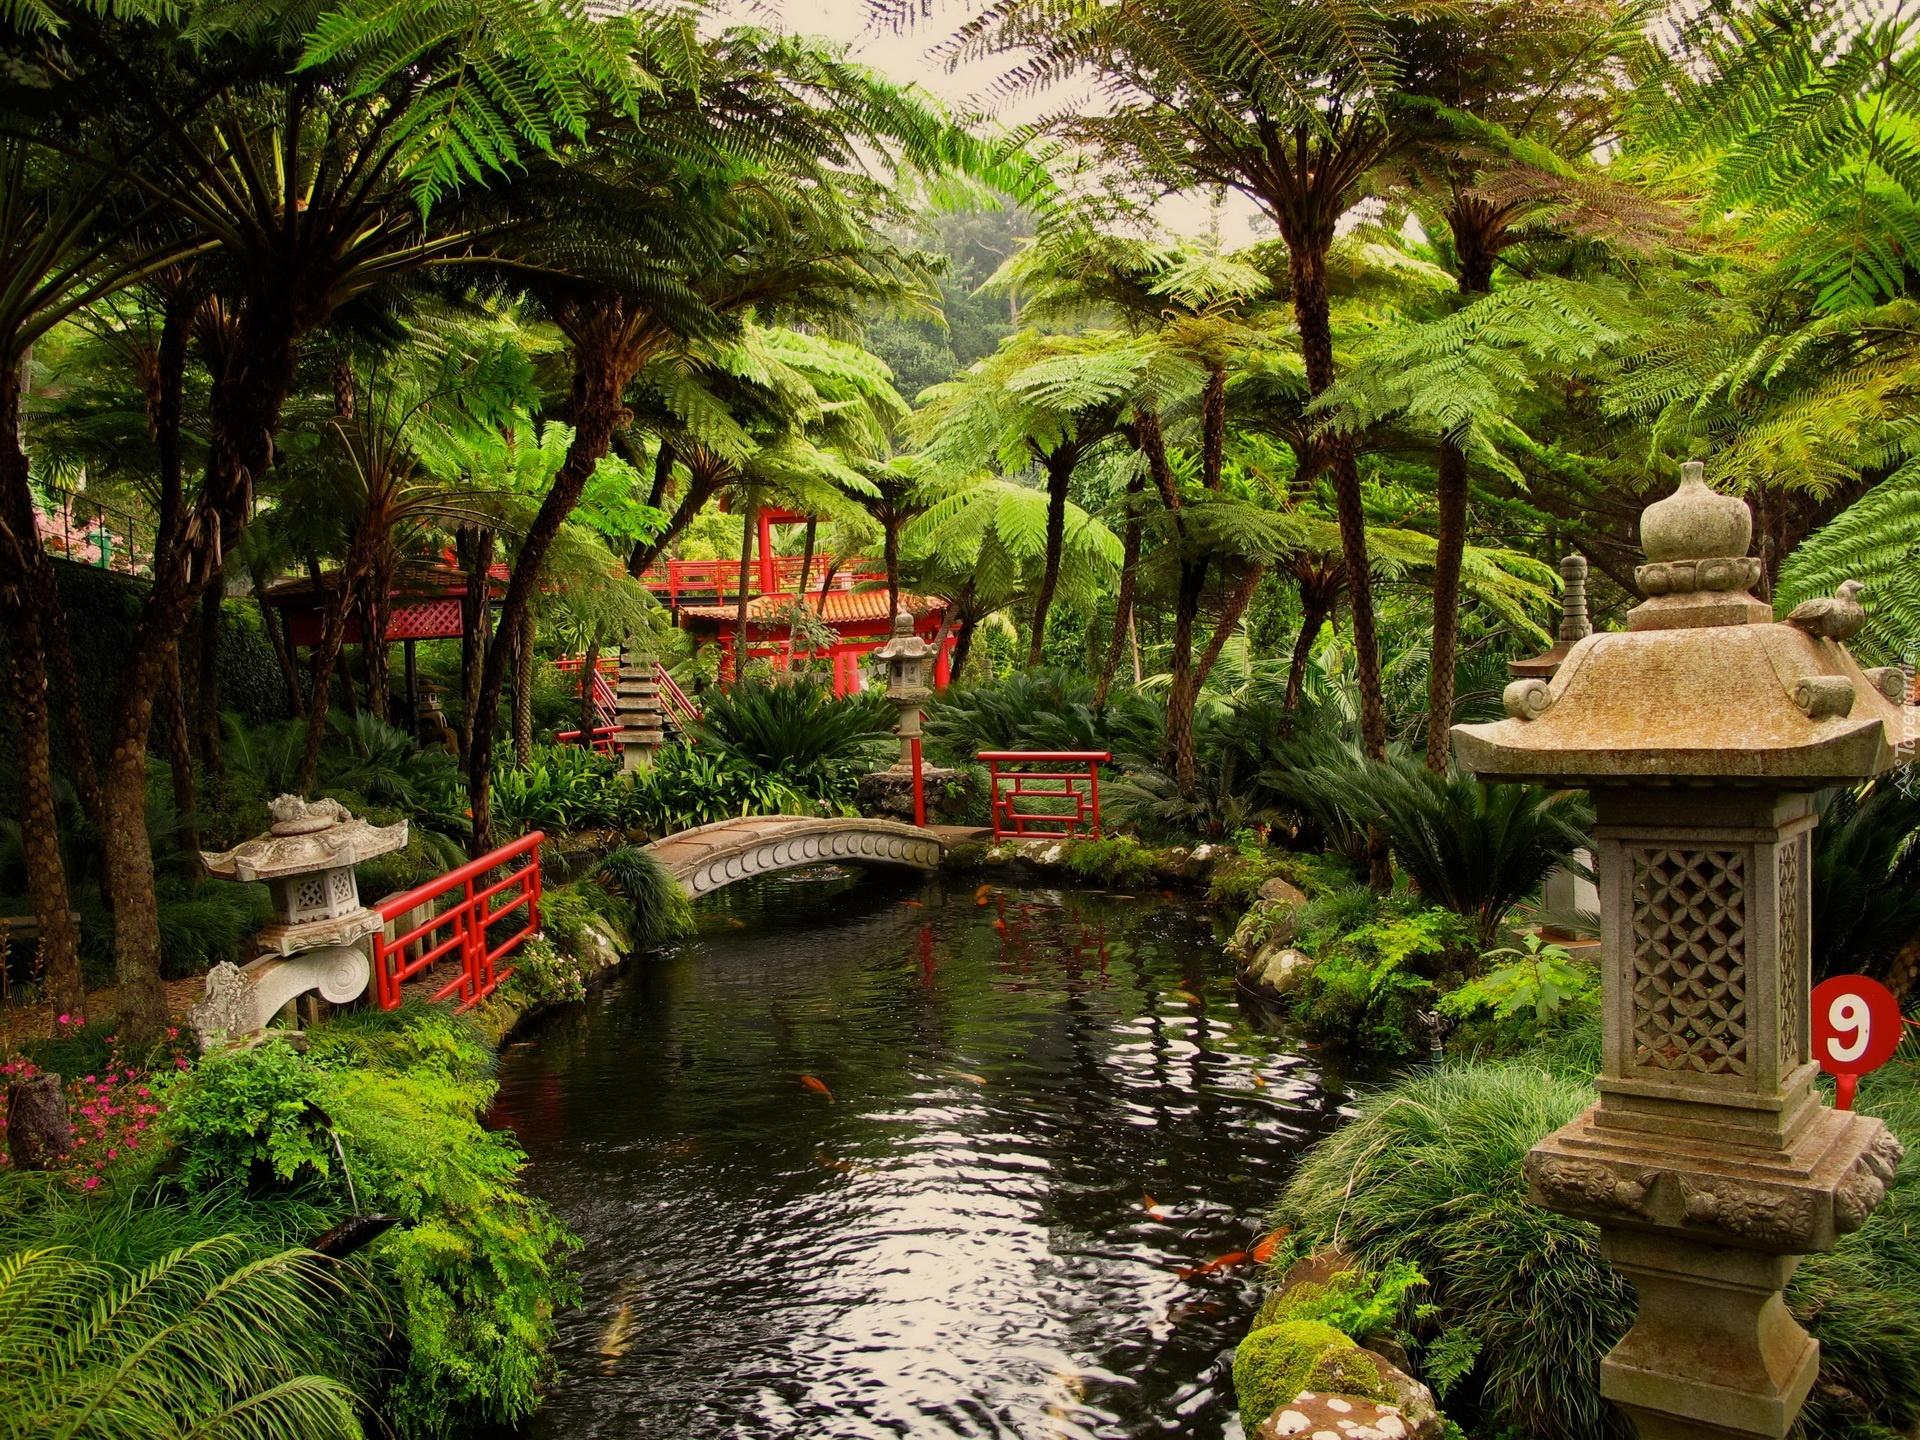 Ogród Mostek Rośliny Oczko Wodne